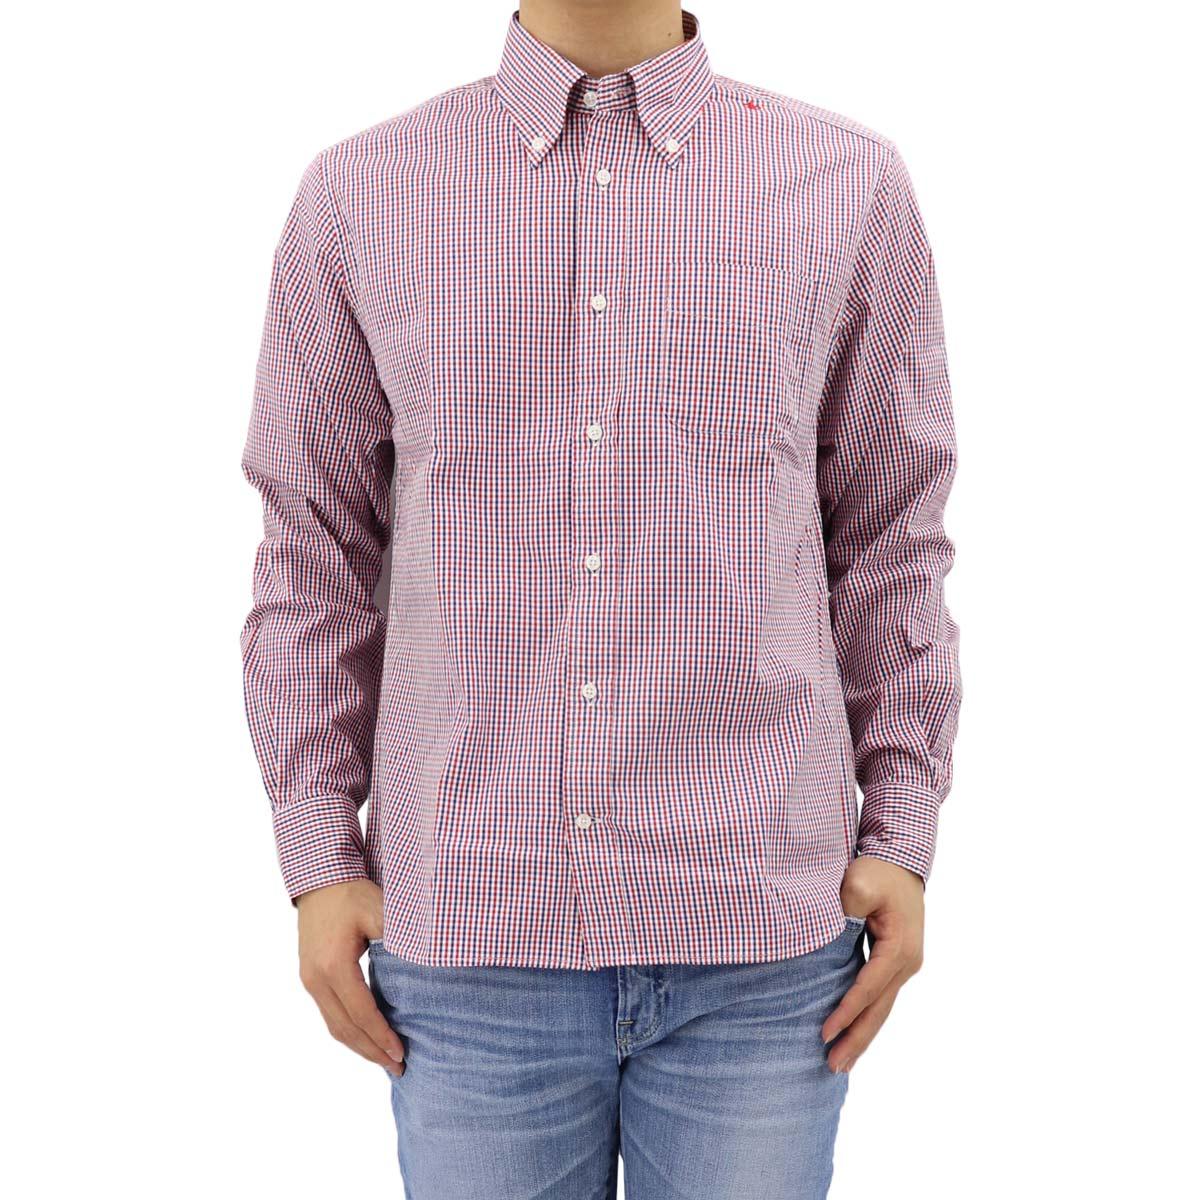 ピンオックスフォード ギンガムチェック ボタンダウンシャツ SL130008 RED×NAVY (レッド×ネイビー)